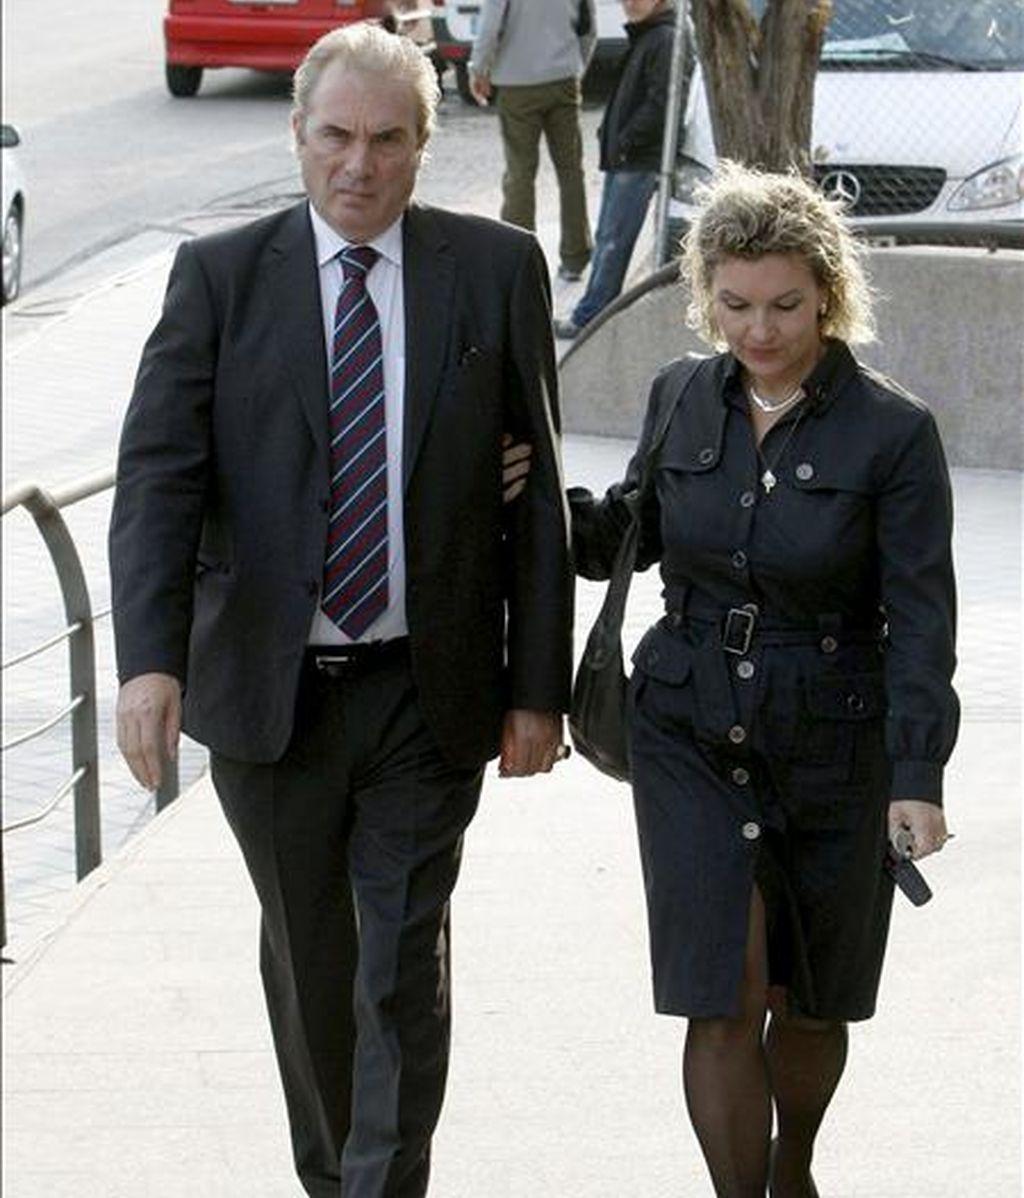 El profesor Jesús Neira, acompañado de su mujer, Isabel Cepeda, a su llegada al Juzgado de Instrucción número 4 de Majadahonda (Madrid), donde ha sido citado a declarar. EFE